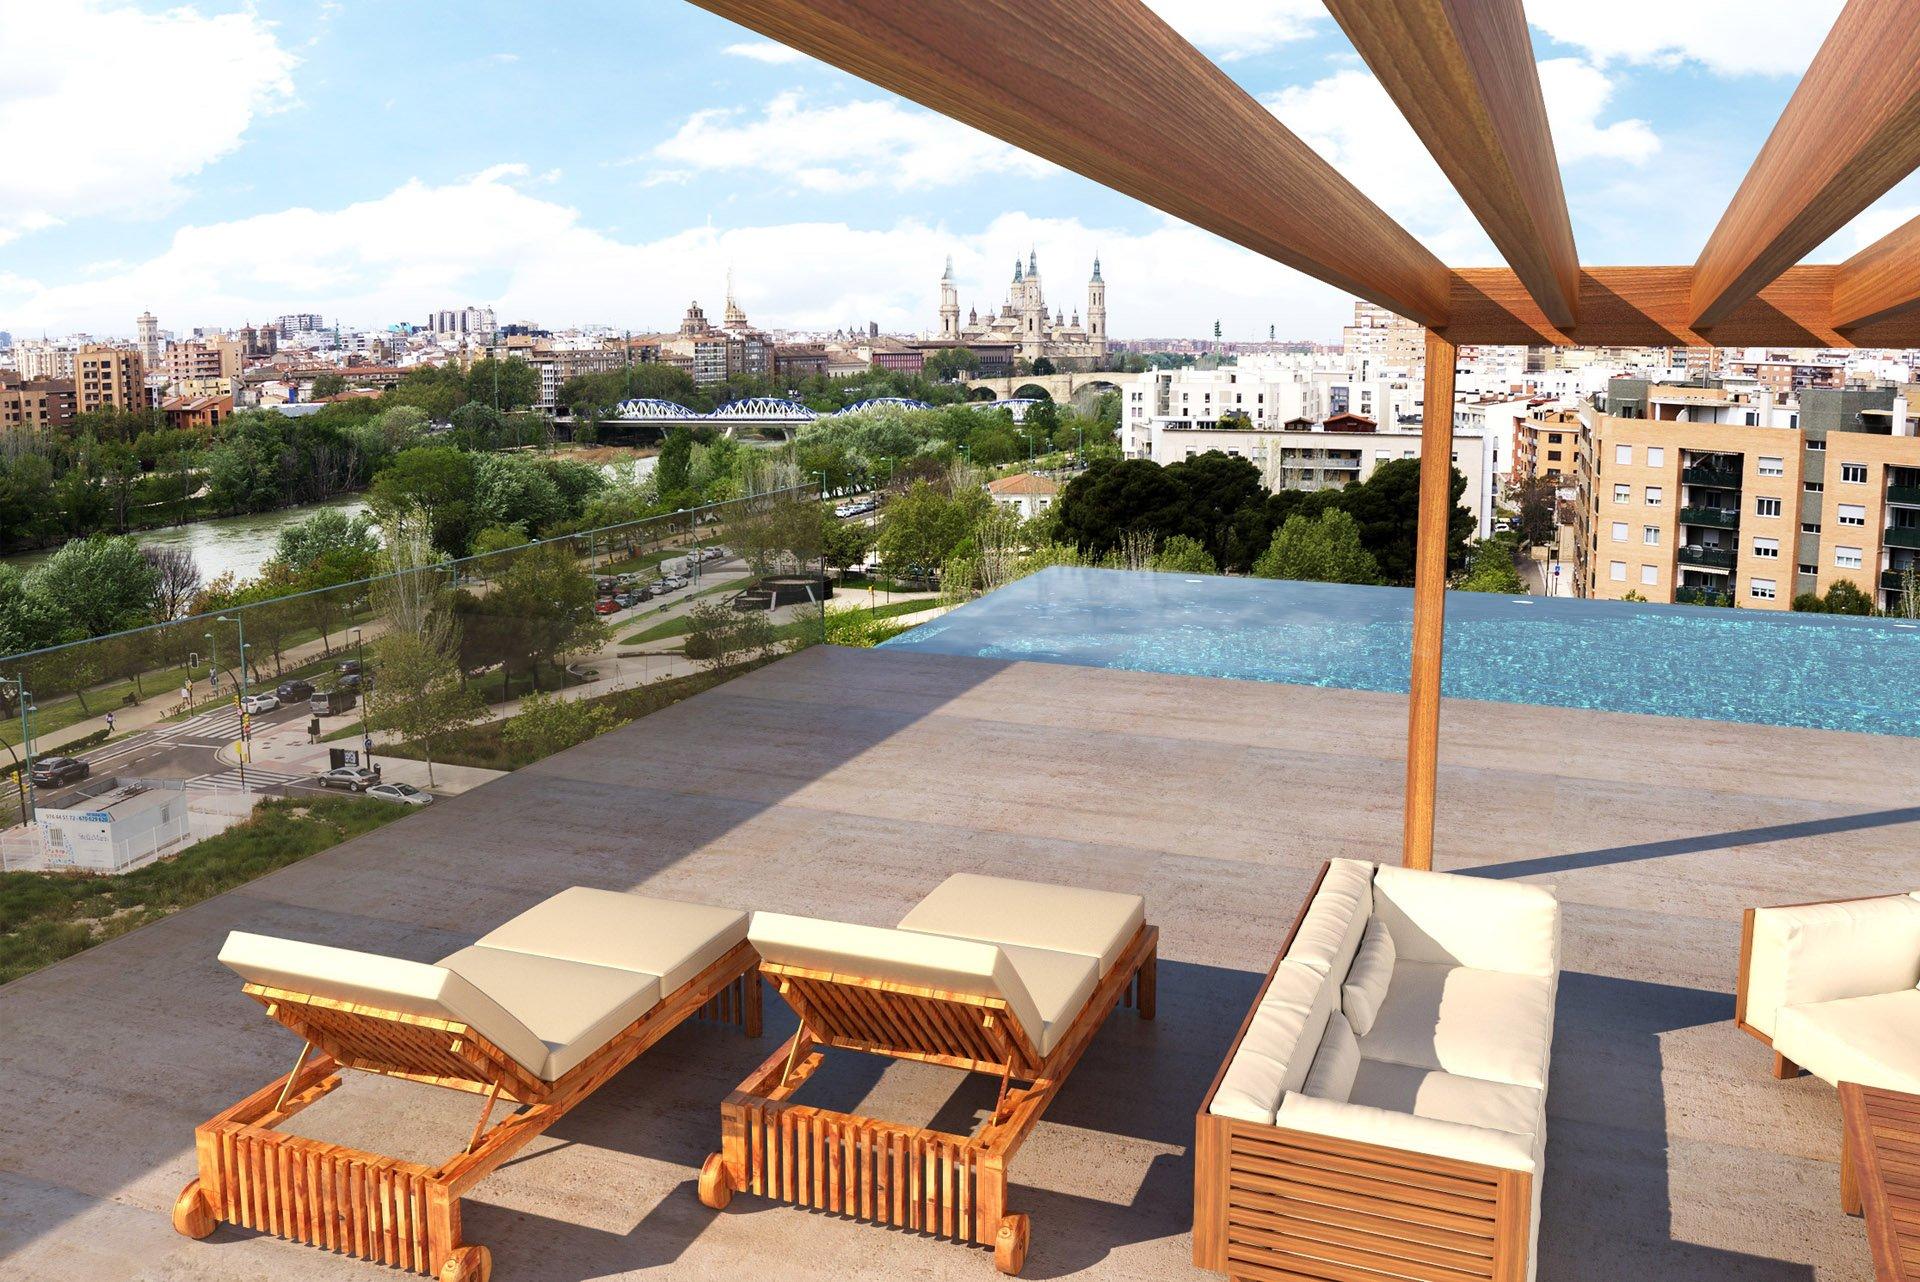 Las vistas a la ribera la piscina y el gimnasio a s lo un paso de tu hogar almozara 2000 - Gimnasio con piscina zaragoza ...